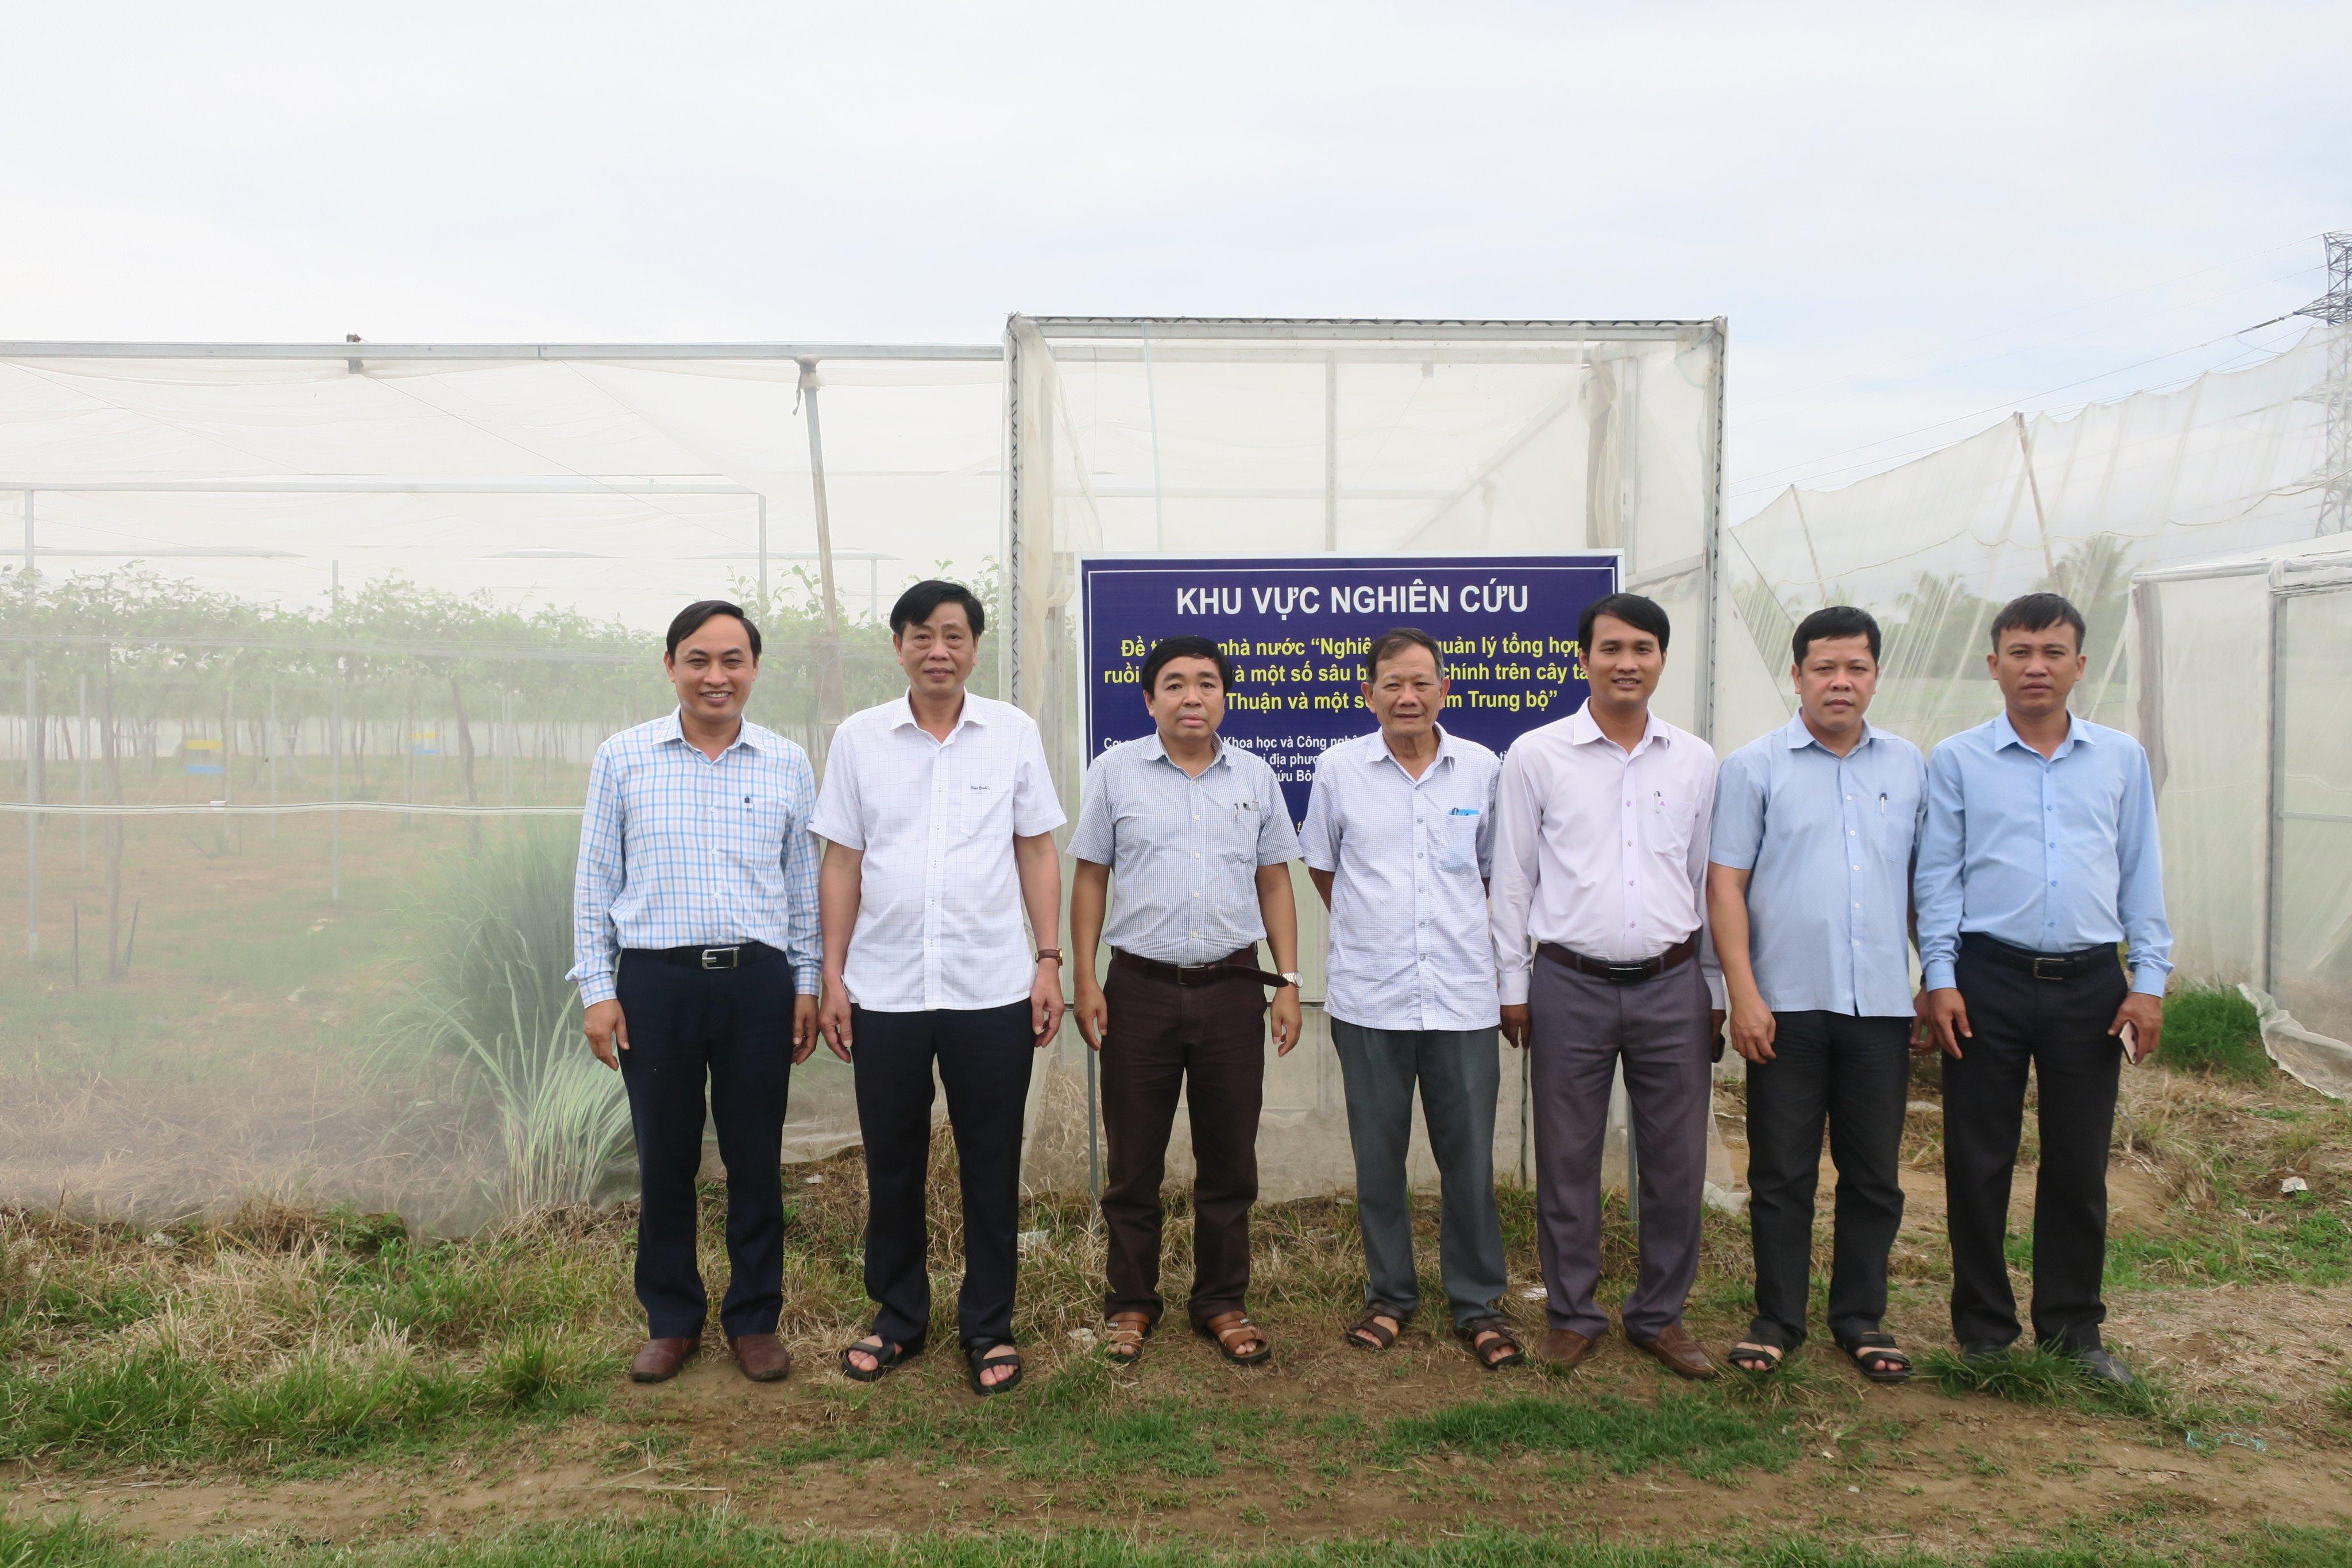 Giám đốc Sở Nông nghiệp & Phát triển nông thôn Ninh Thuận  thăm và làm việc với  Viện Nghiên cứu Bông & PTNN Nha Hố về hợp tác nghiên cứu và nhân rộng một số mô hình nông nghiệp ứng dụng CNC giai đoạn 2021 – 2035